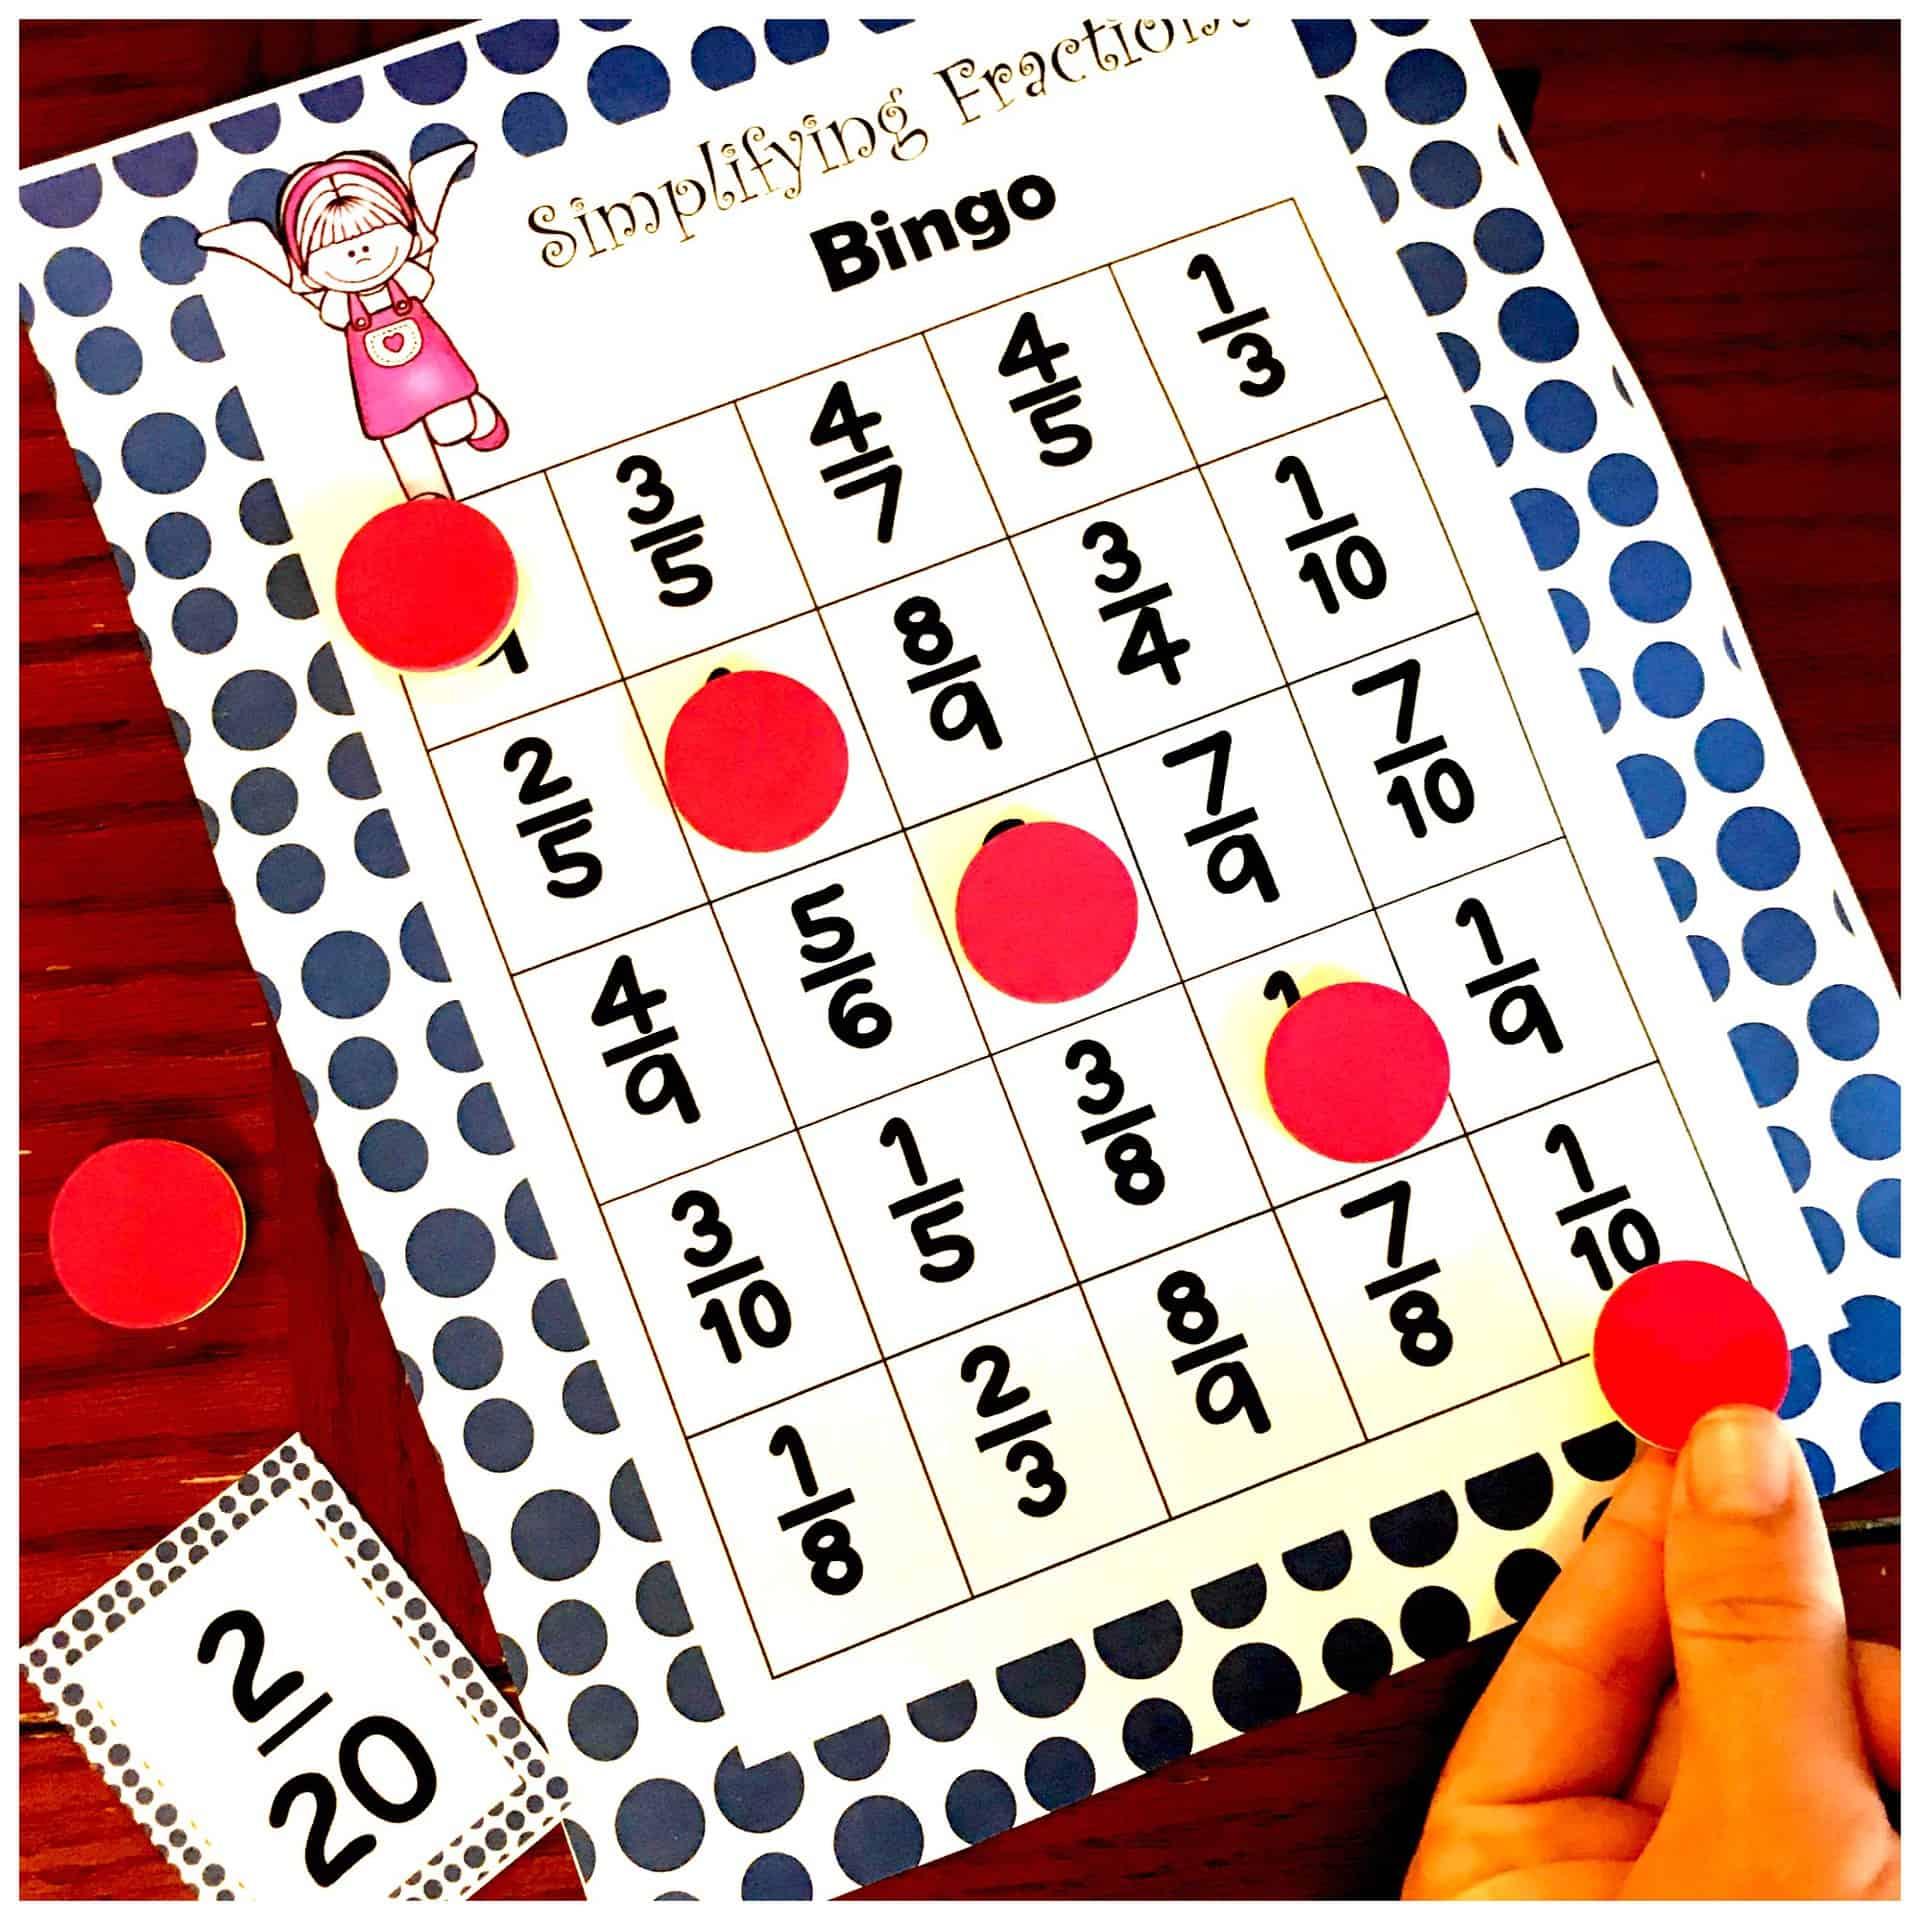 image regarding Simplifying Fractions Game Printable called Prepare Simplifying Fractions With This Free of charge Simplifying